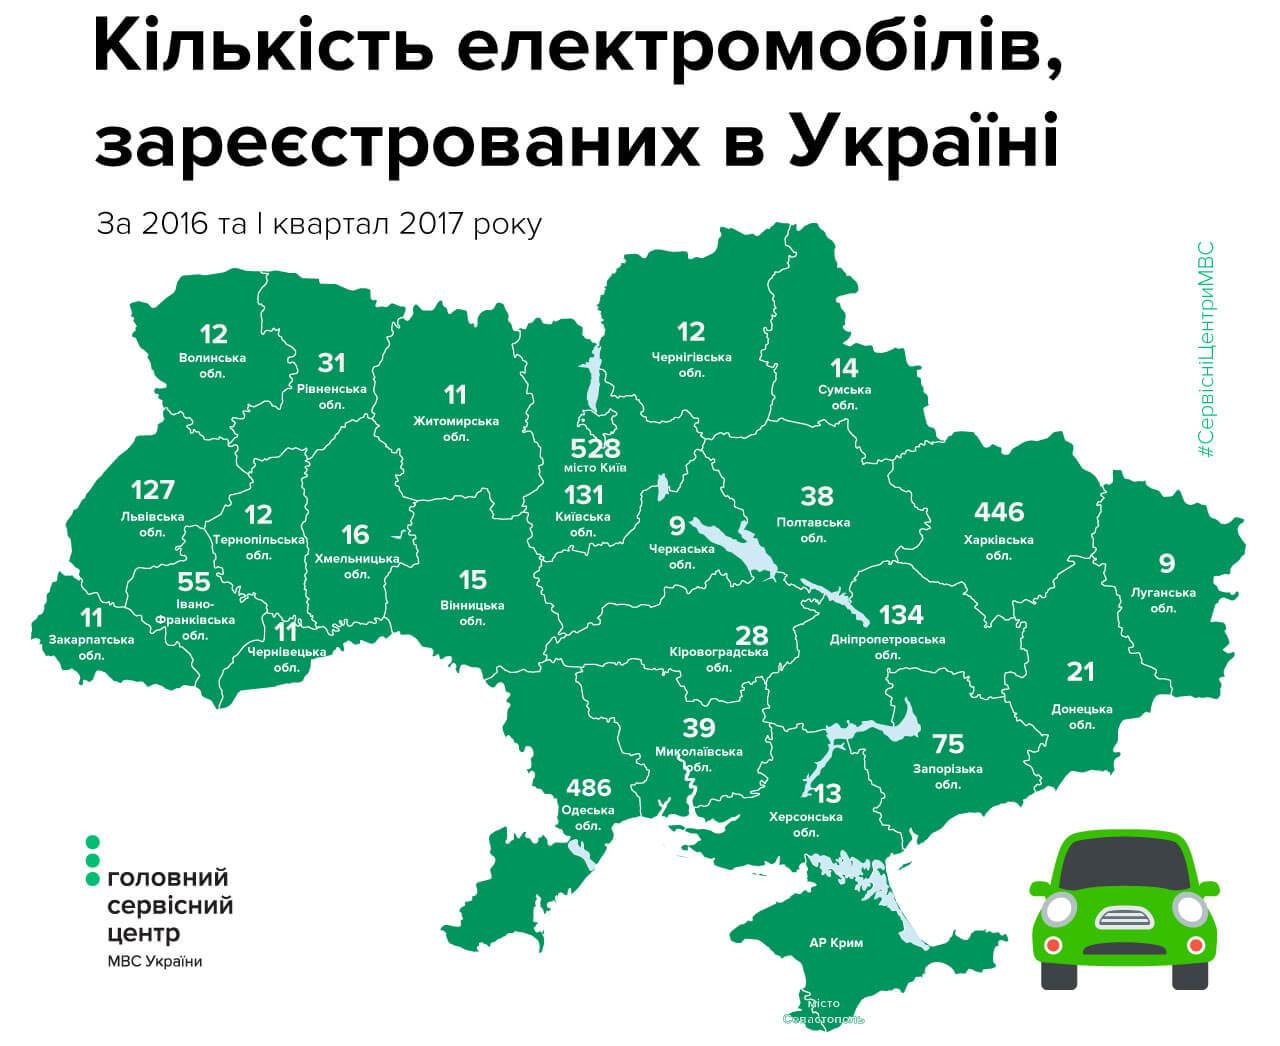 Количество электромобилей зарегистрированных в Украине за 2016 и начало 2017 года